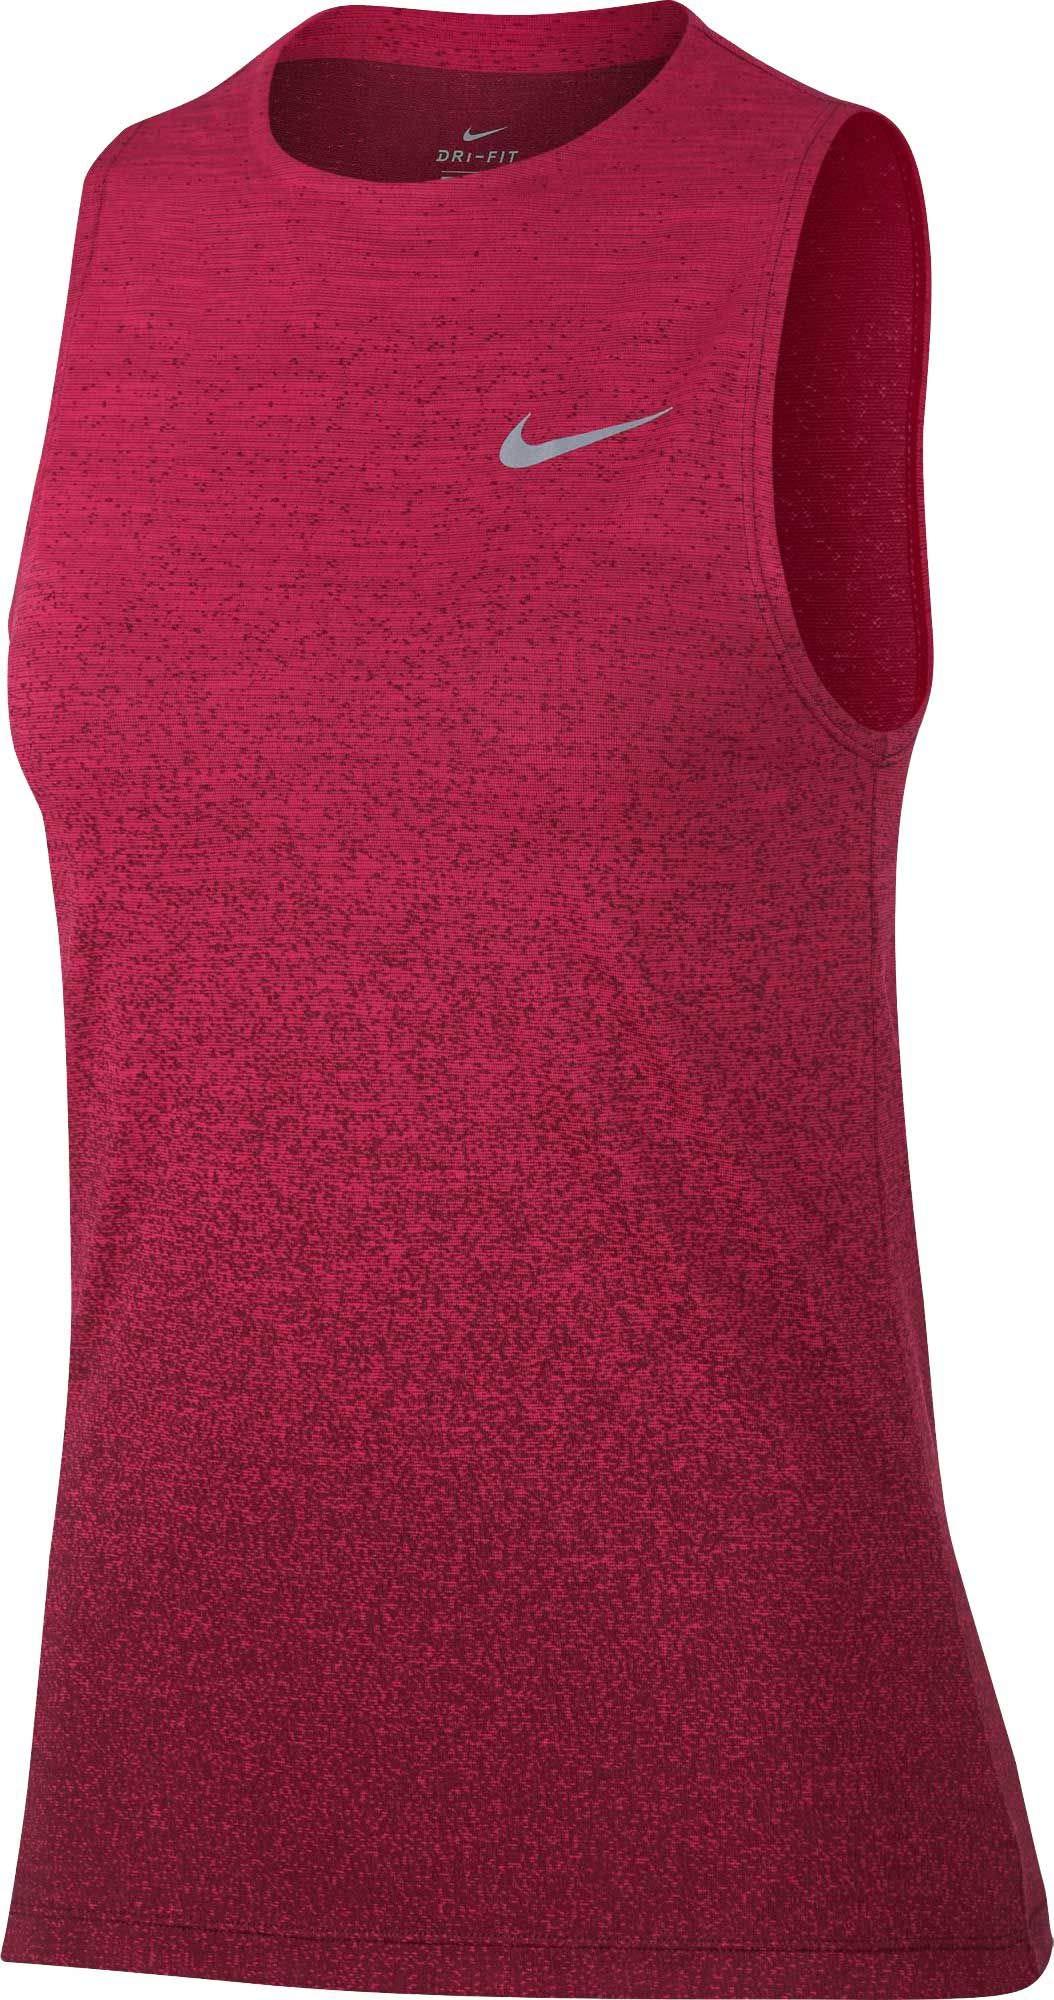 Nike Women's Medalist Running Tank Top (Rush Pink/Burgundy Crush, X-Small)